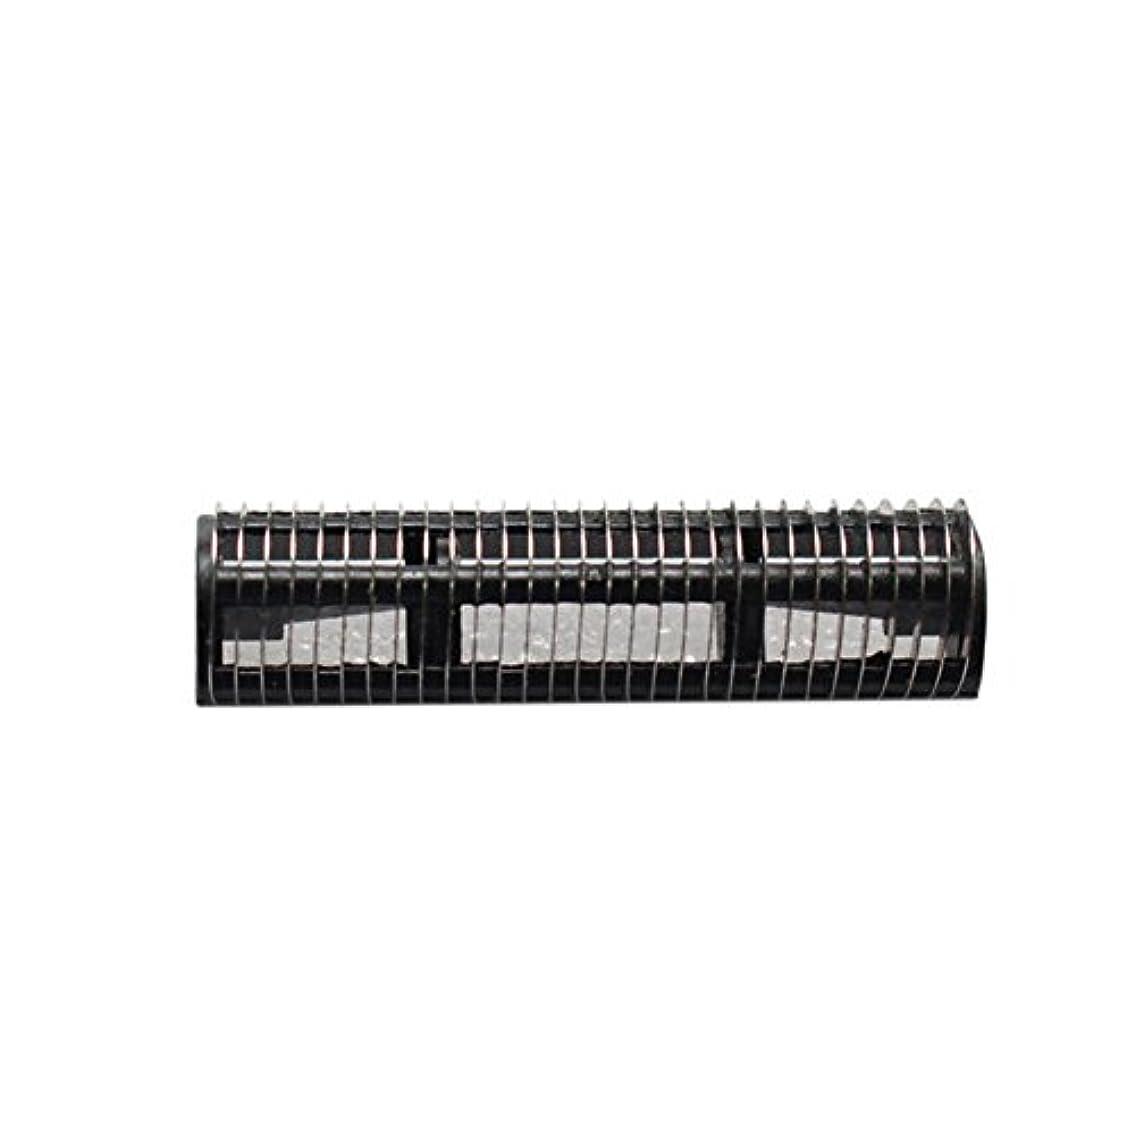 創造ダイアクリティカル未知のHZjundasi Replacement シェーバー 刃 for Braun 5S/614/3000 Model BS575 3610 P10 555